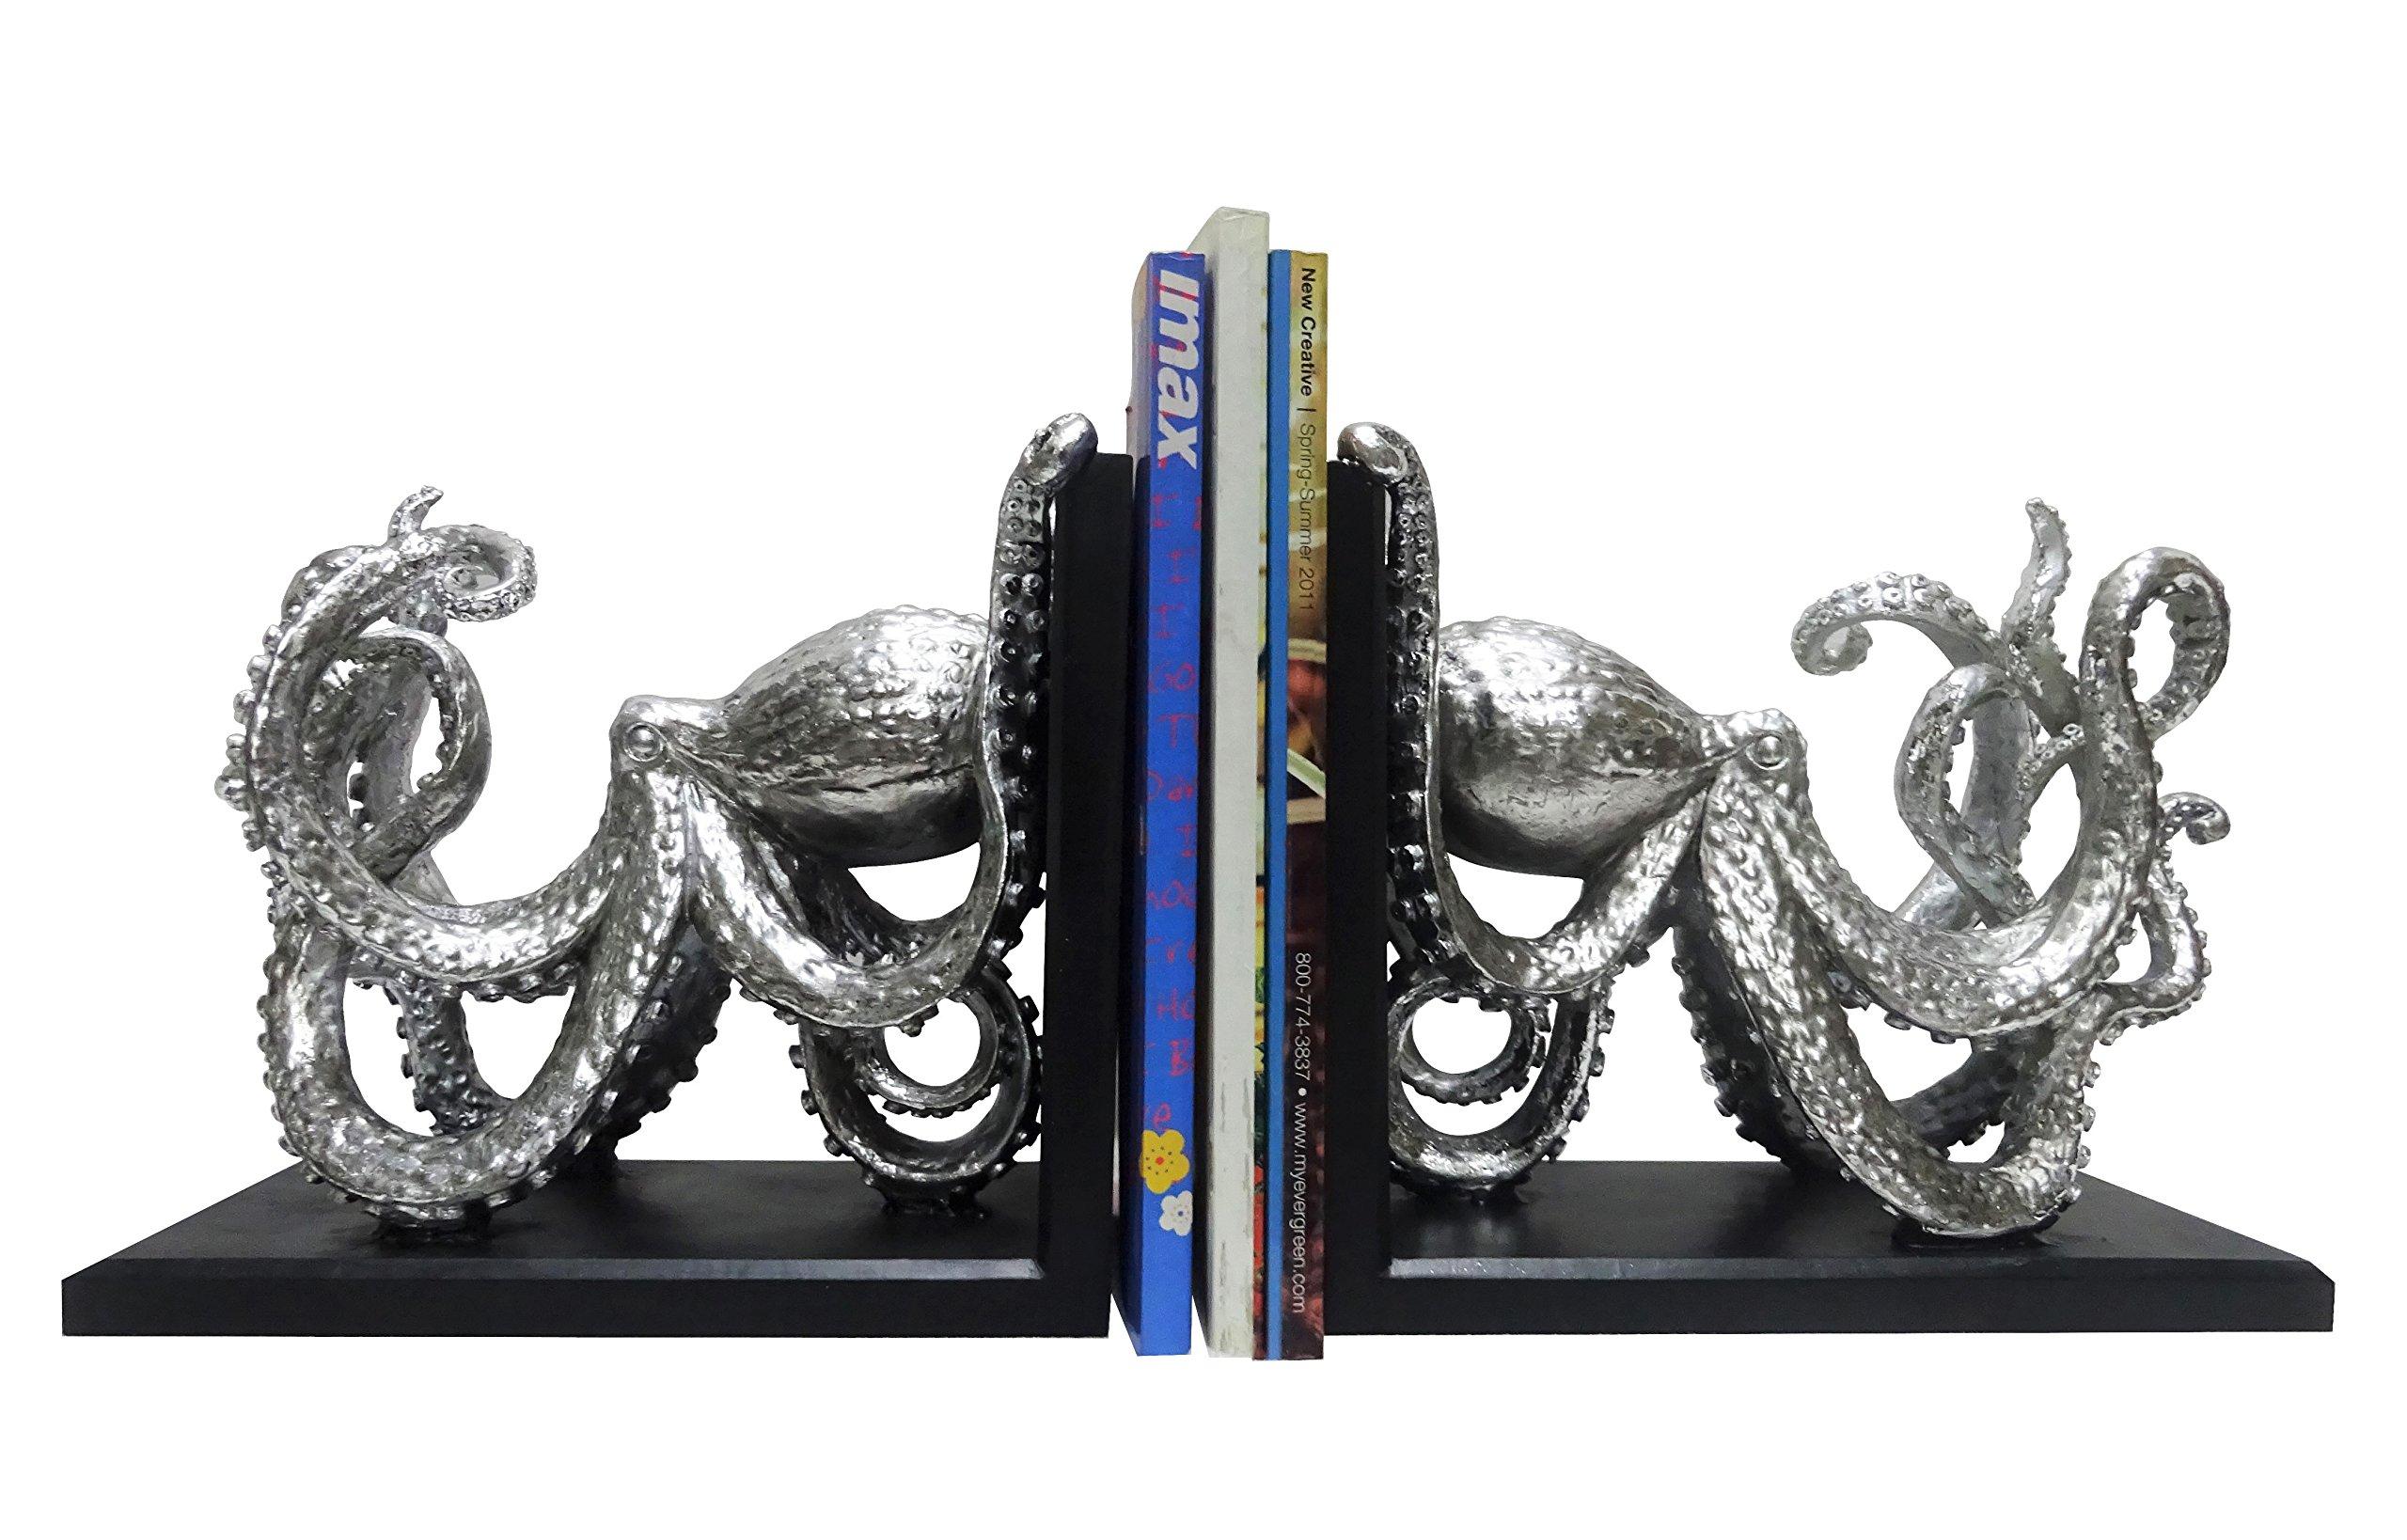 Clint Eagar Octopus Figurine Bookends, 2 of 11'' x 5-3/4'' x 9''